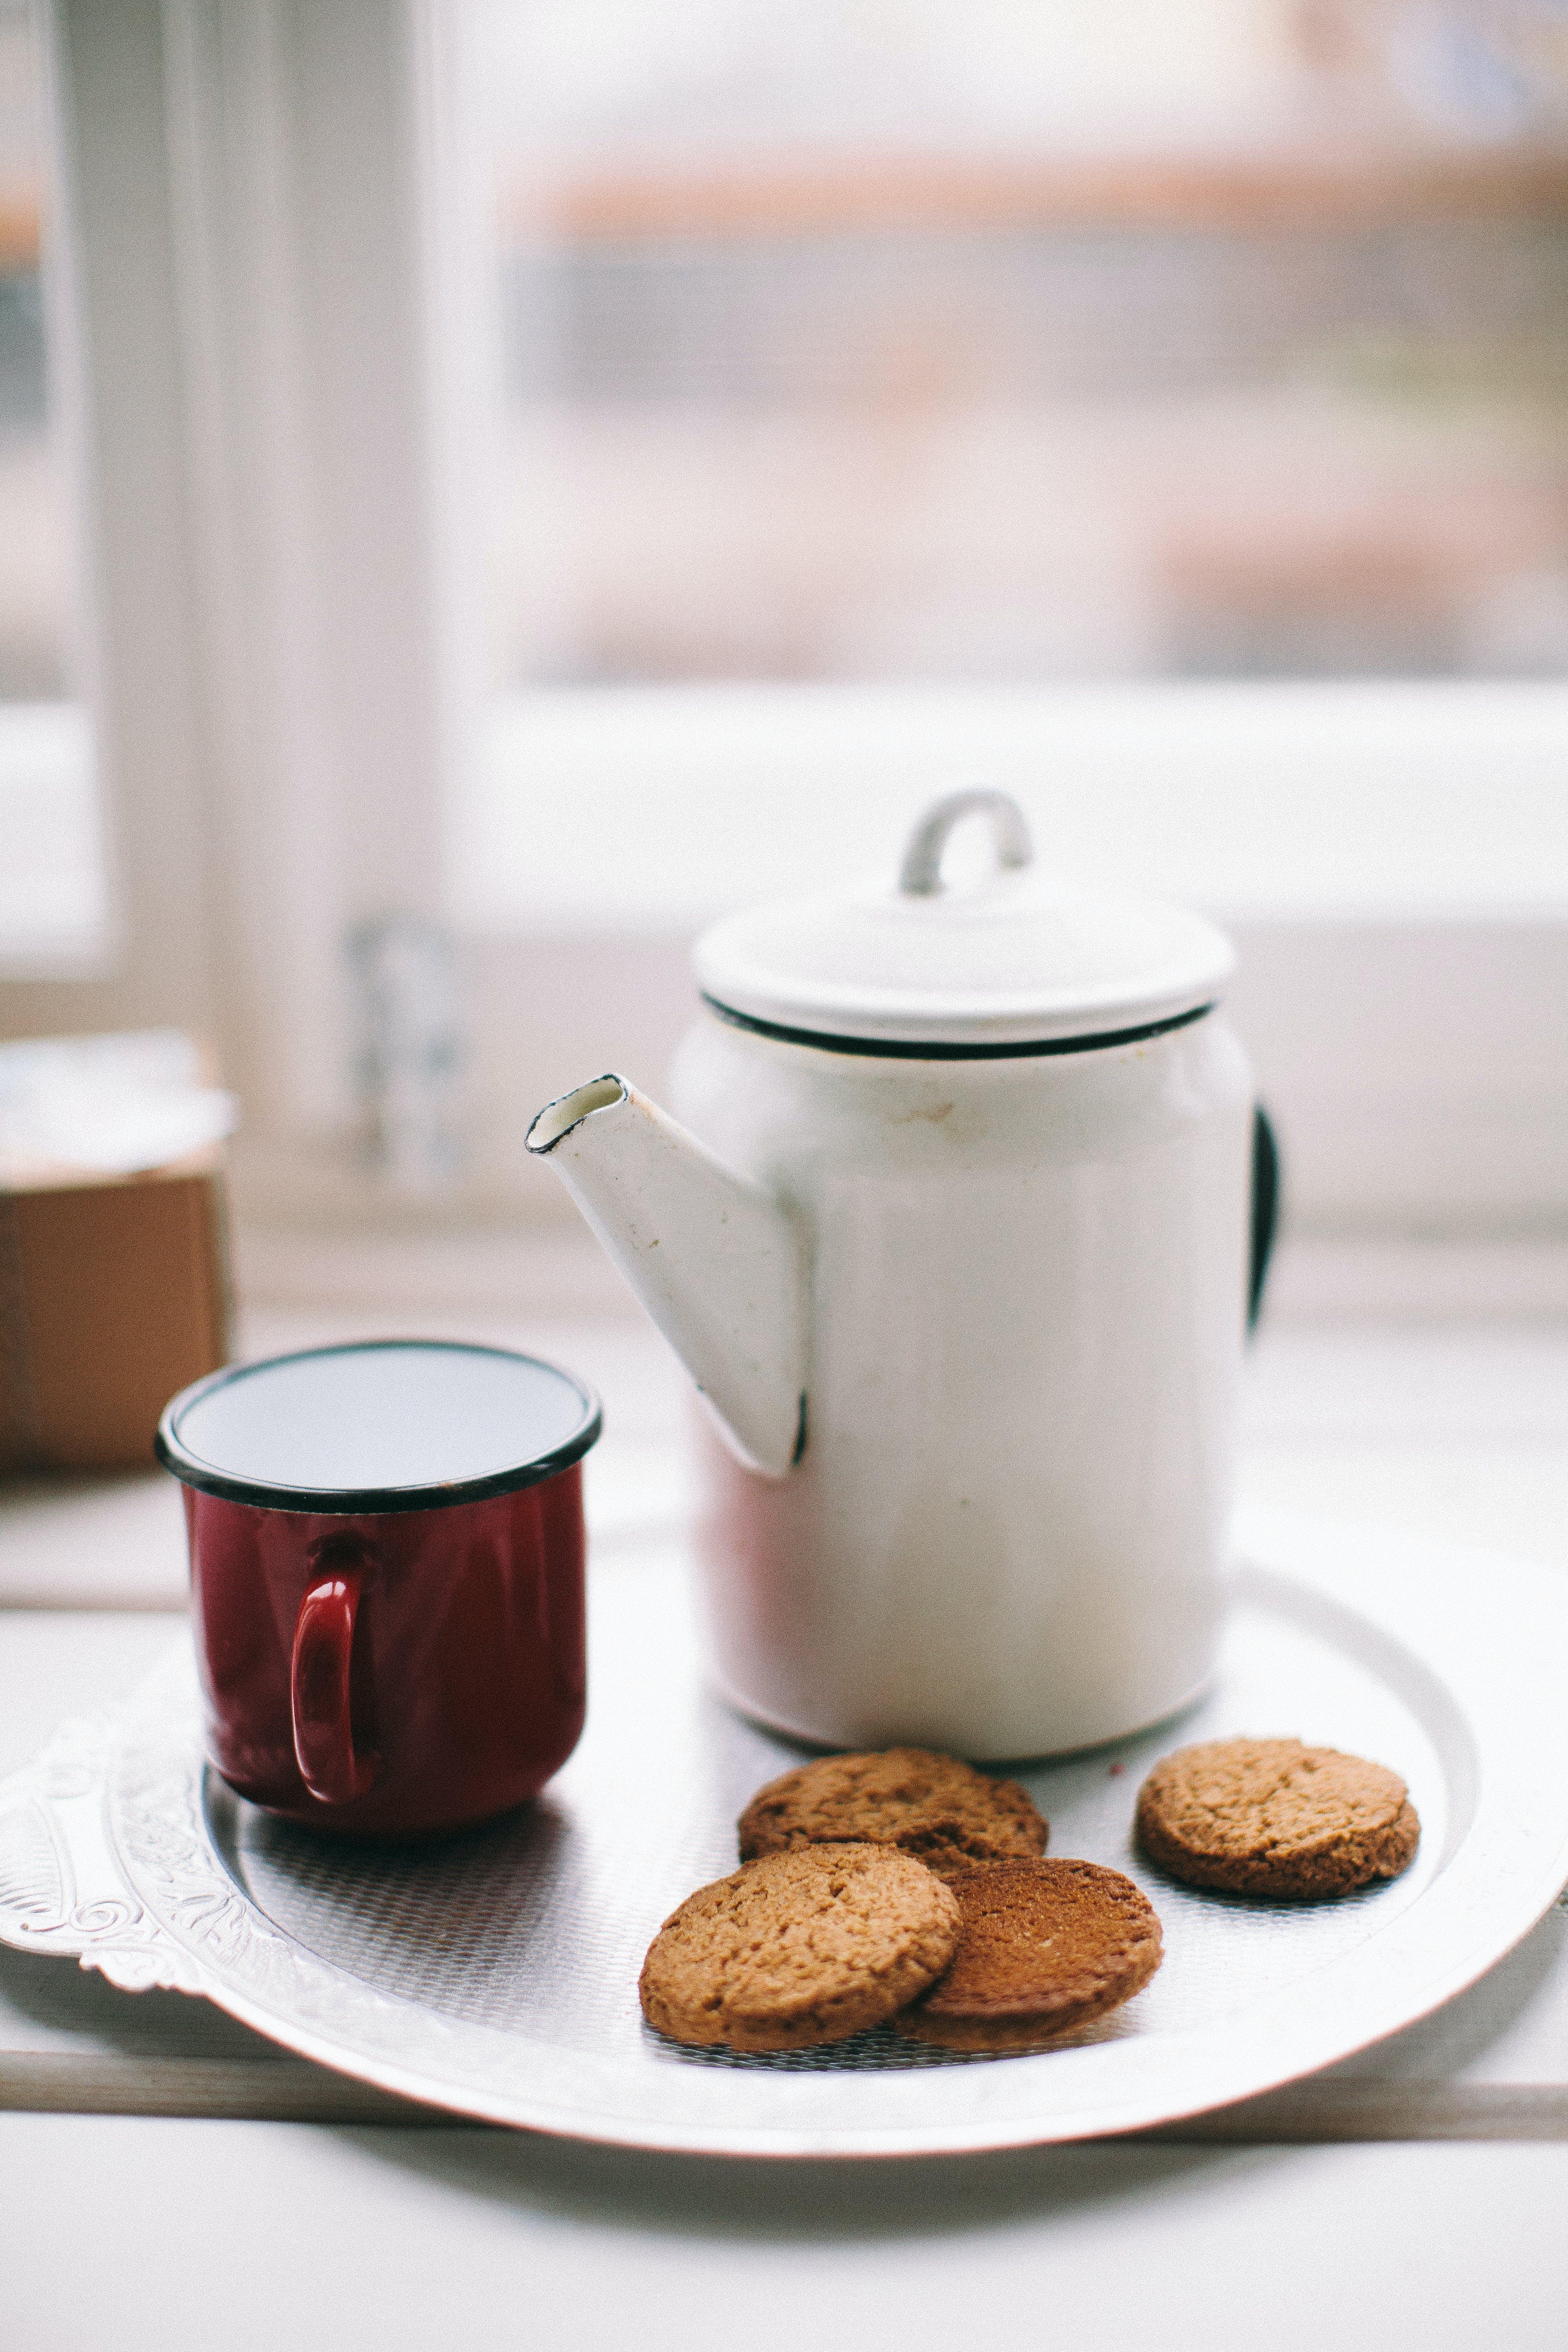 White Teapot, Red Mug And Cookies